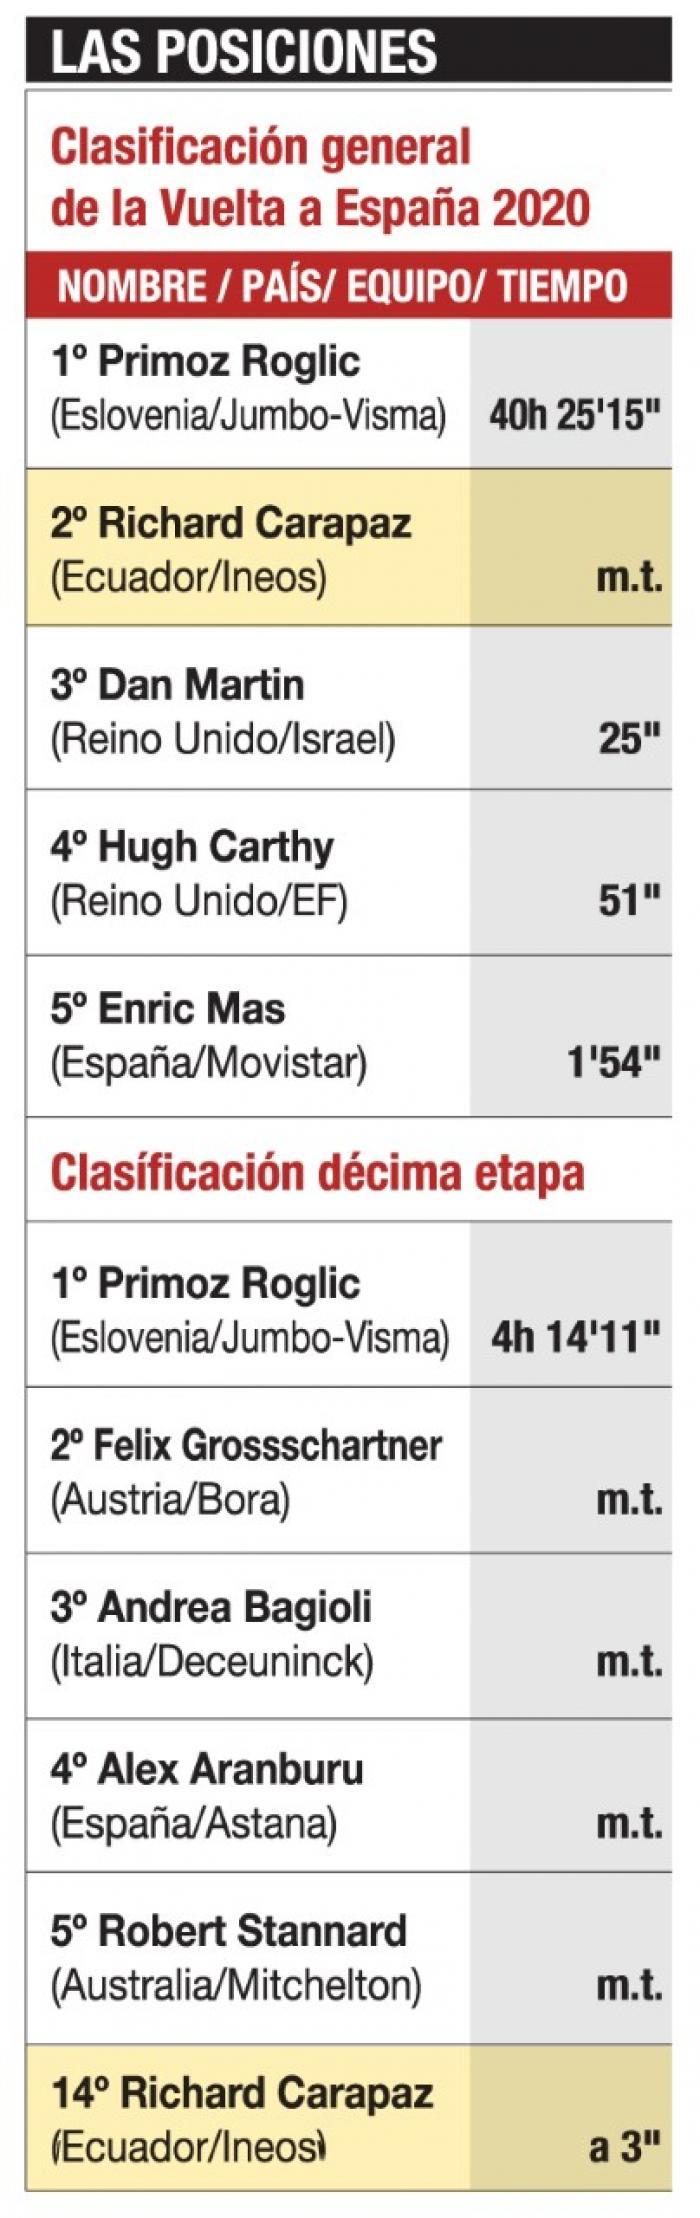 Vuelta-España-posiciones